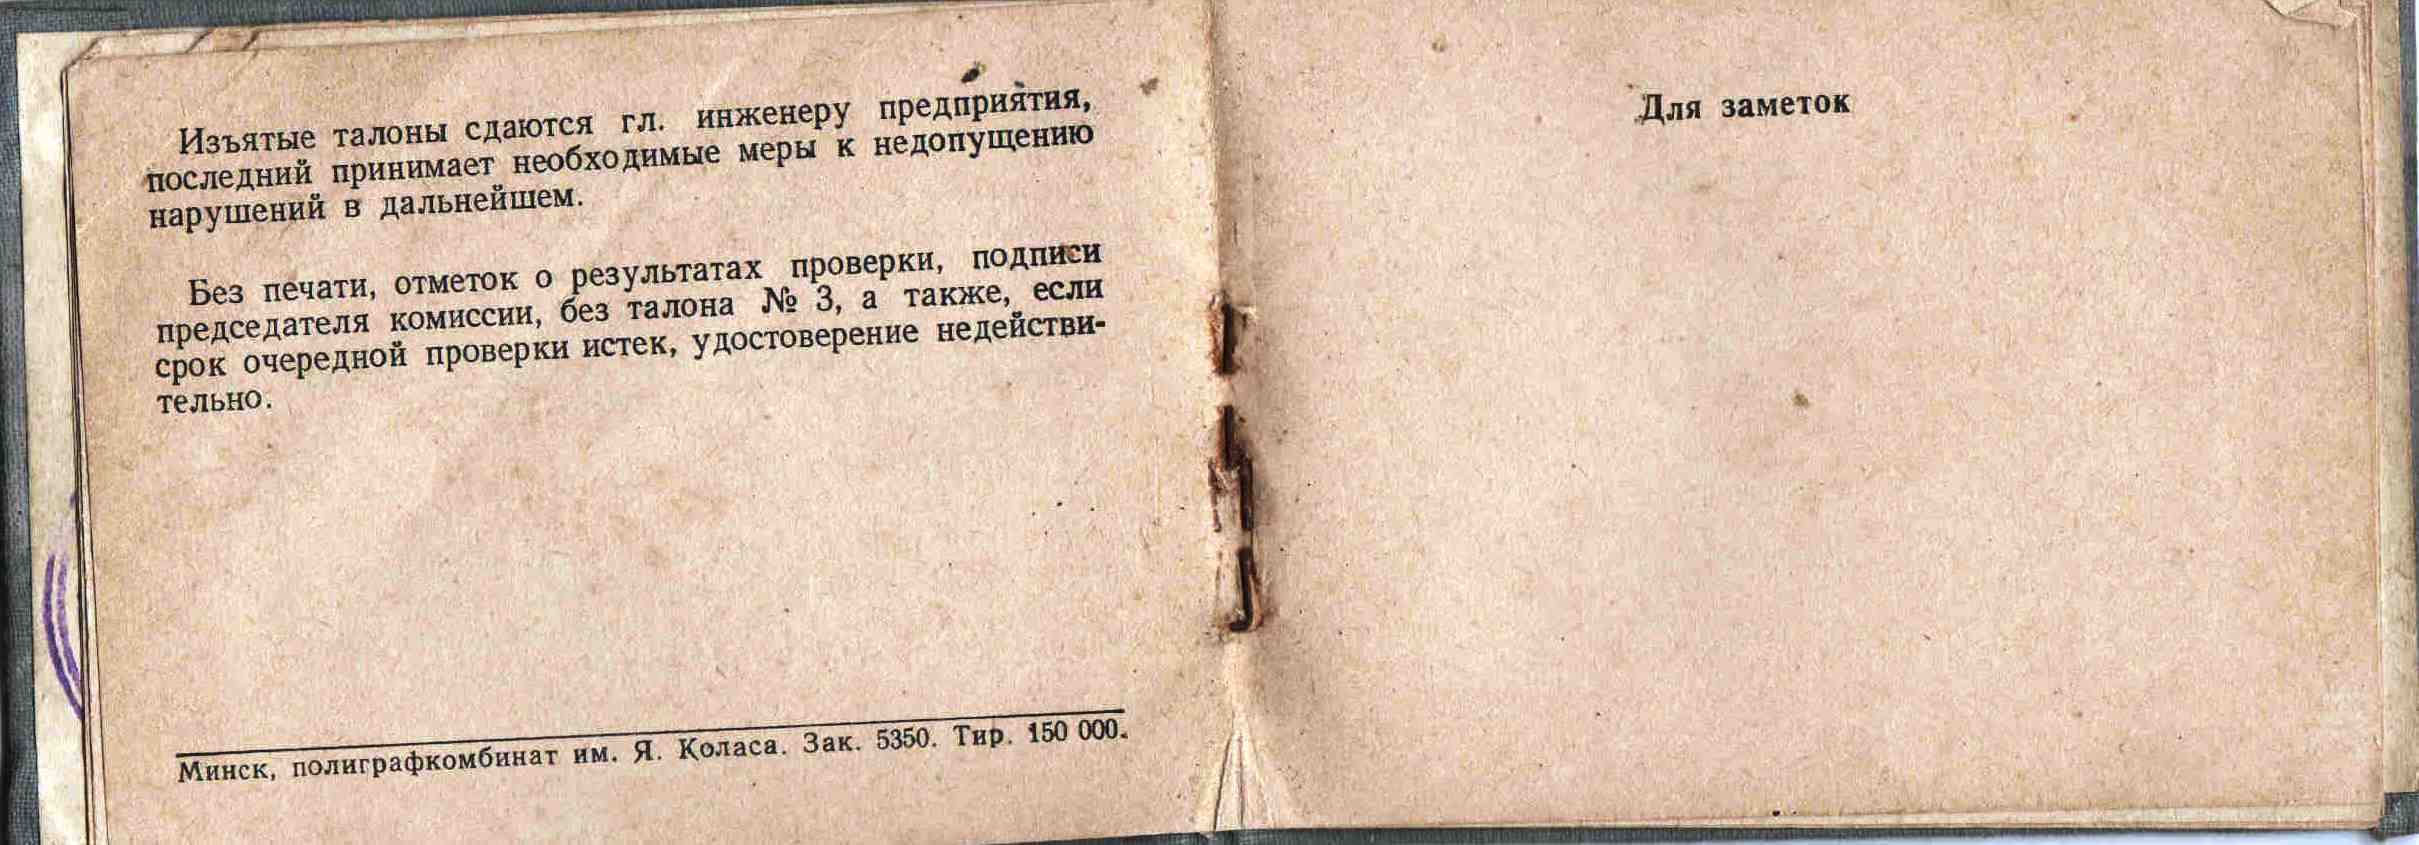 19. Удостоверение вальщика леса бензопилой Дружба, 1960 г.